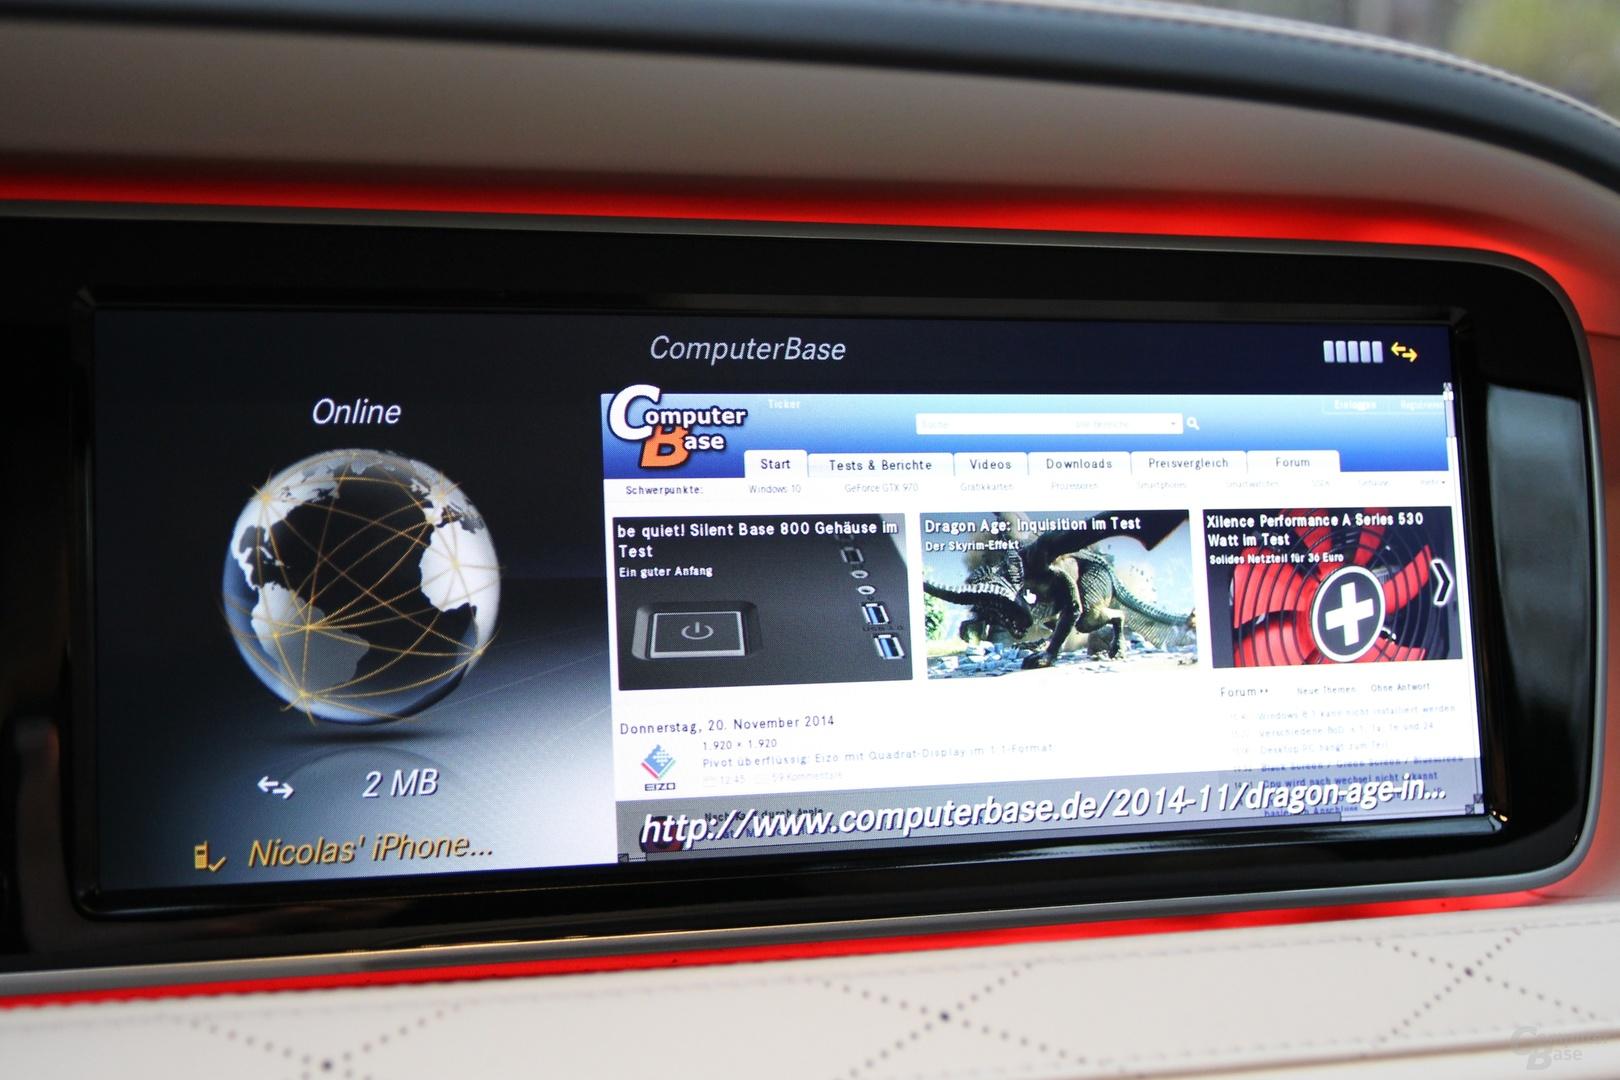 Darstellung einer Webseite im integrierten Browser